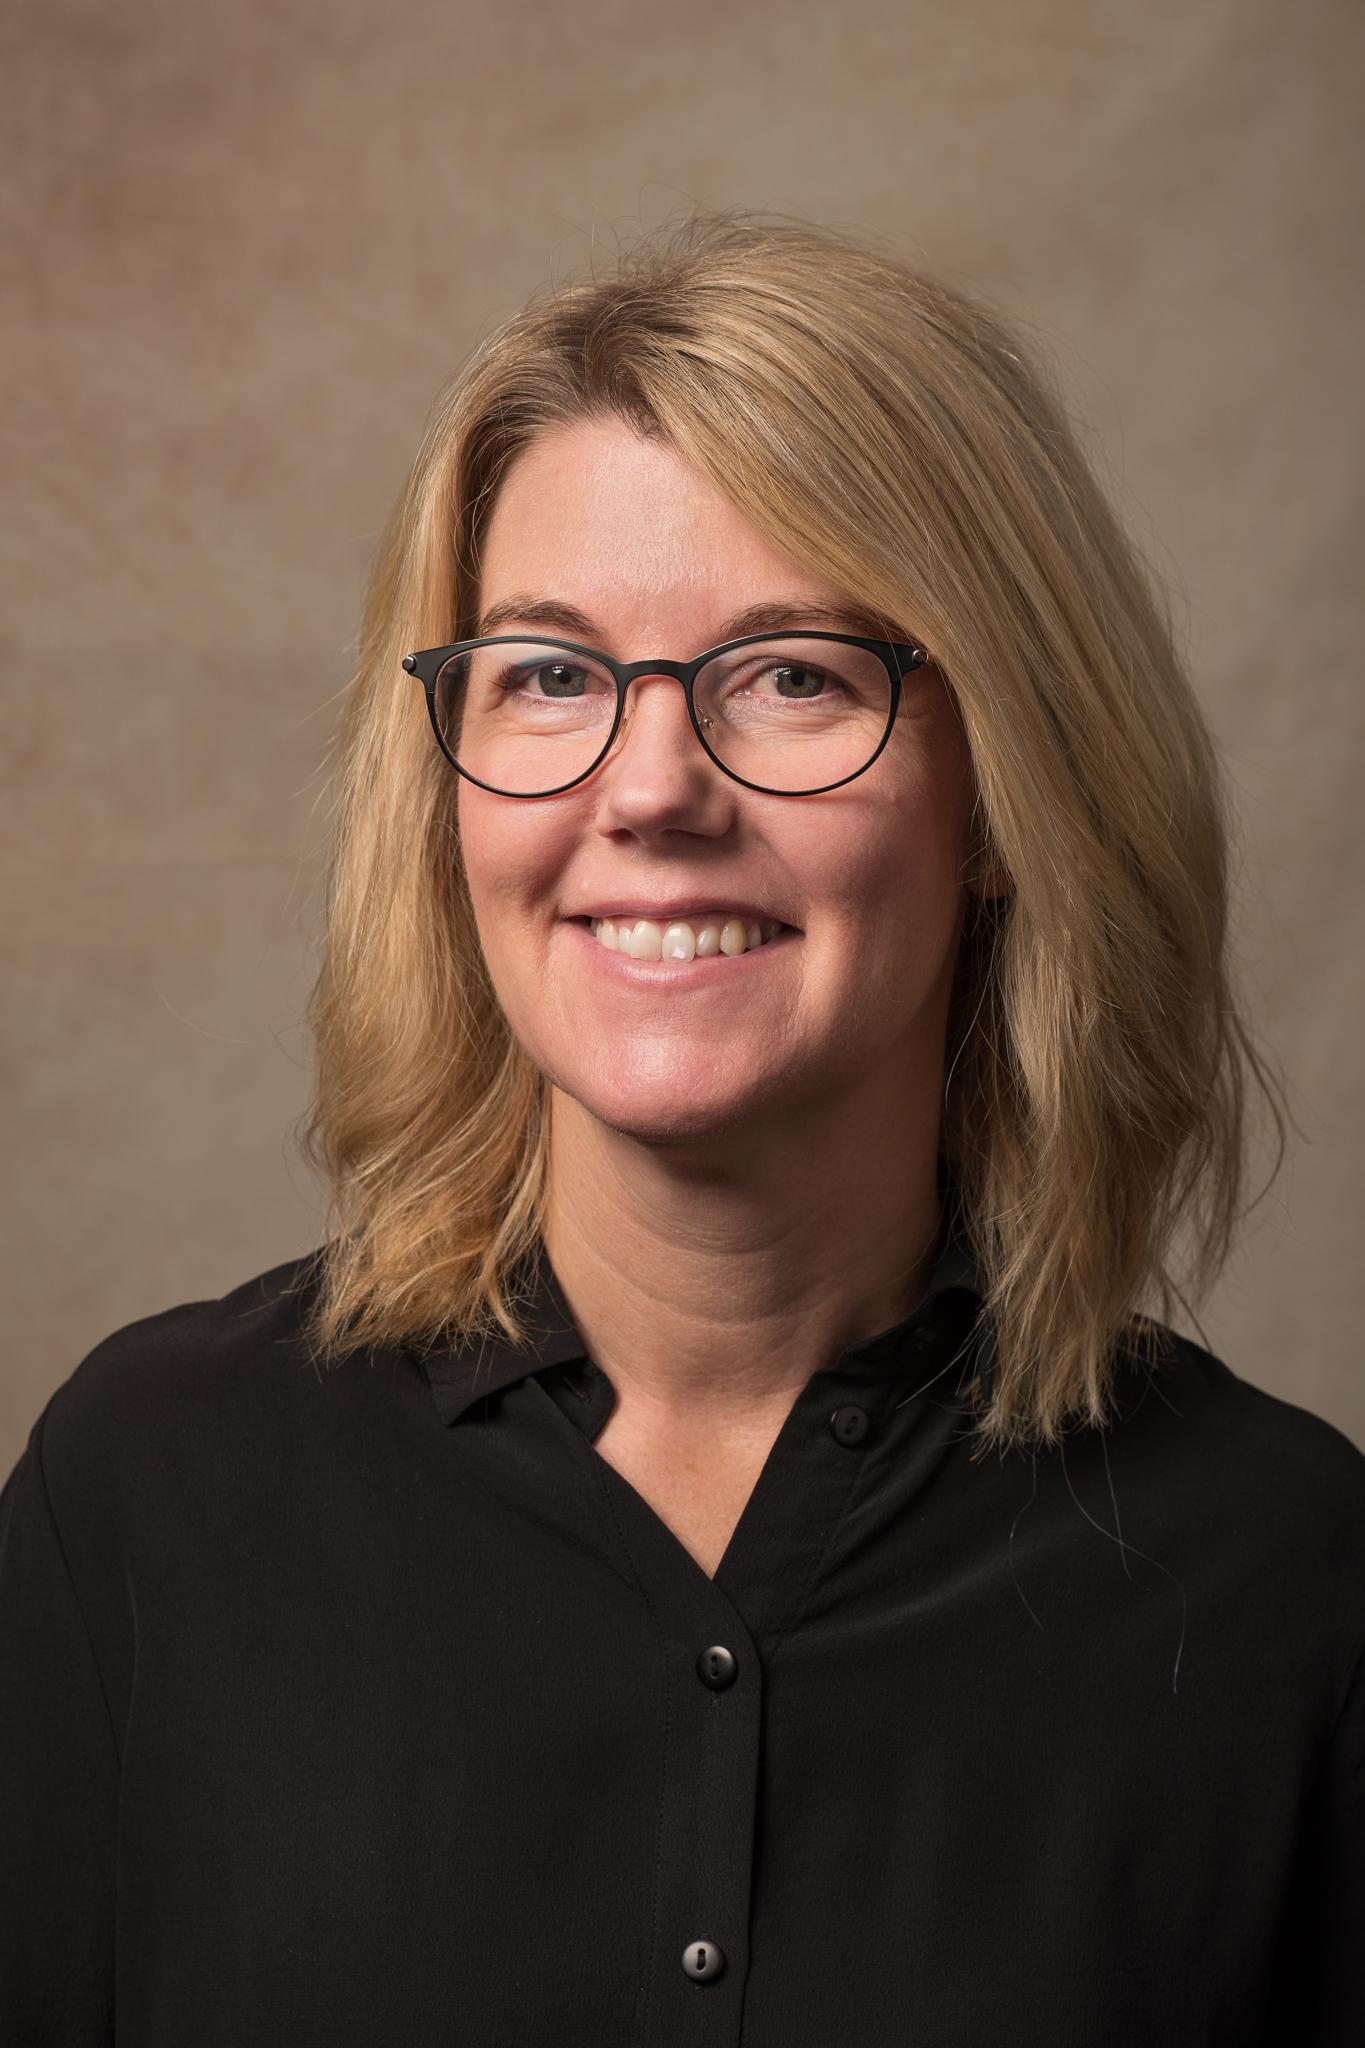 Jessica Lundmark